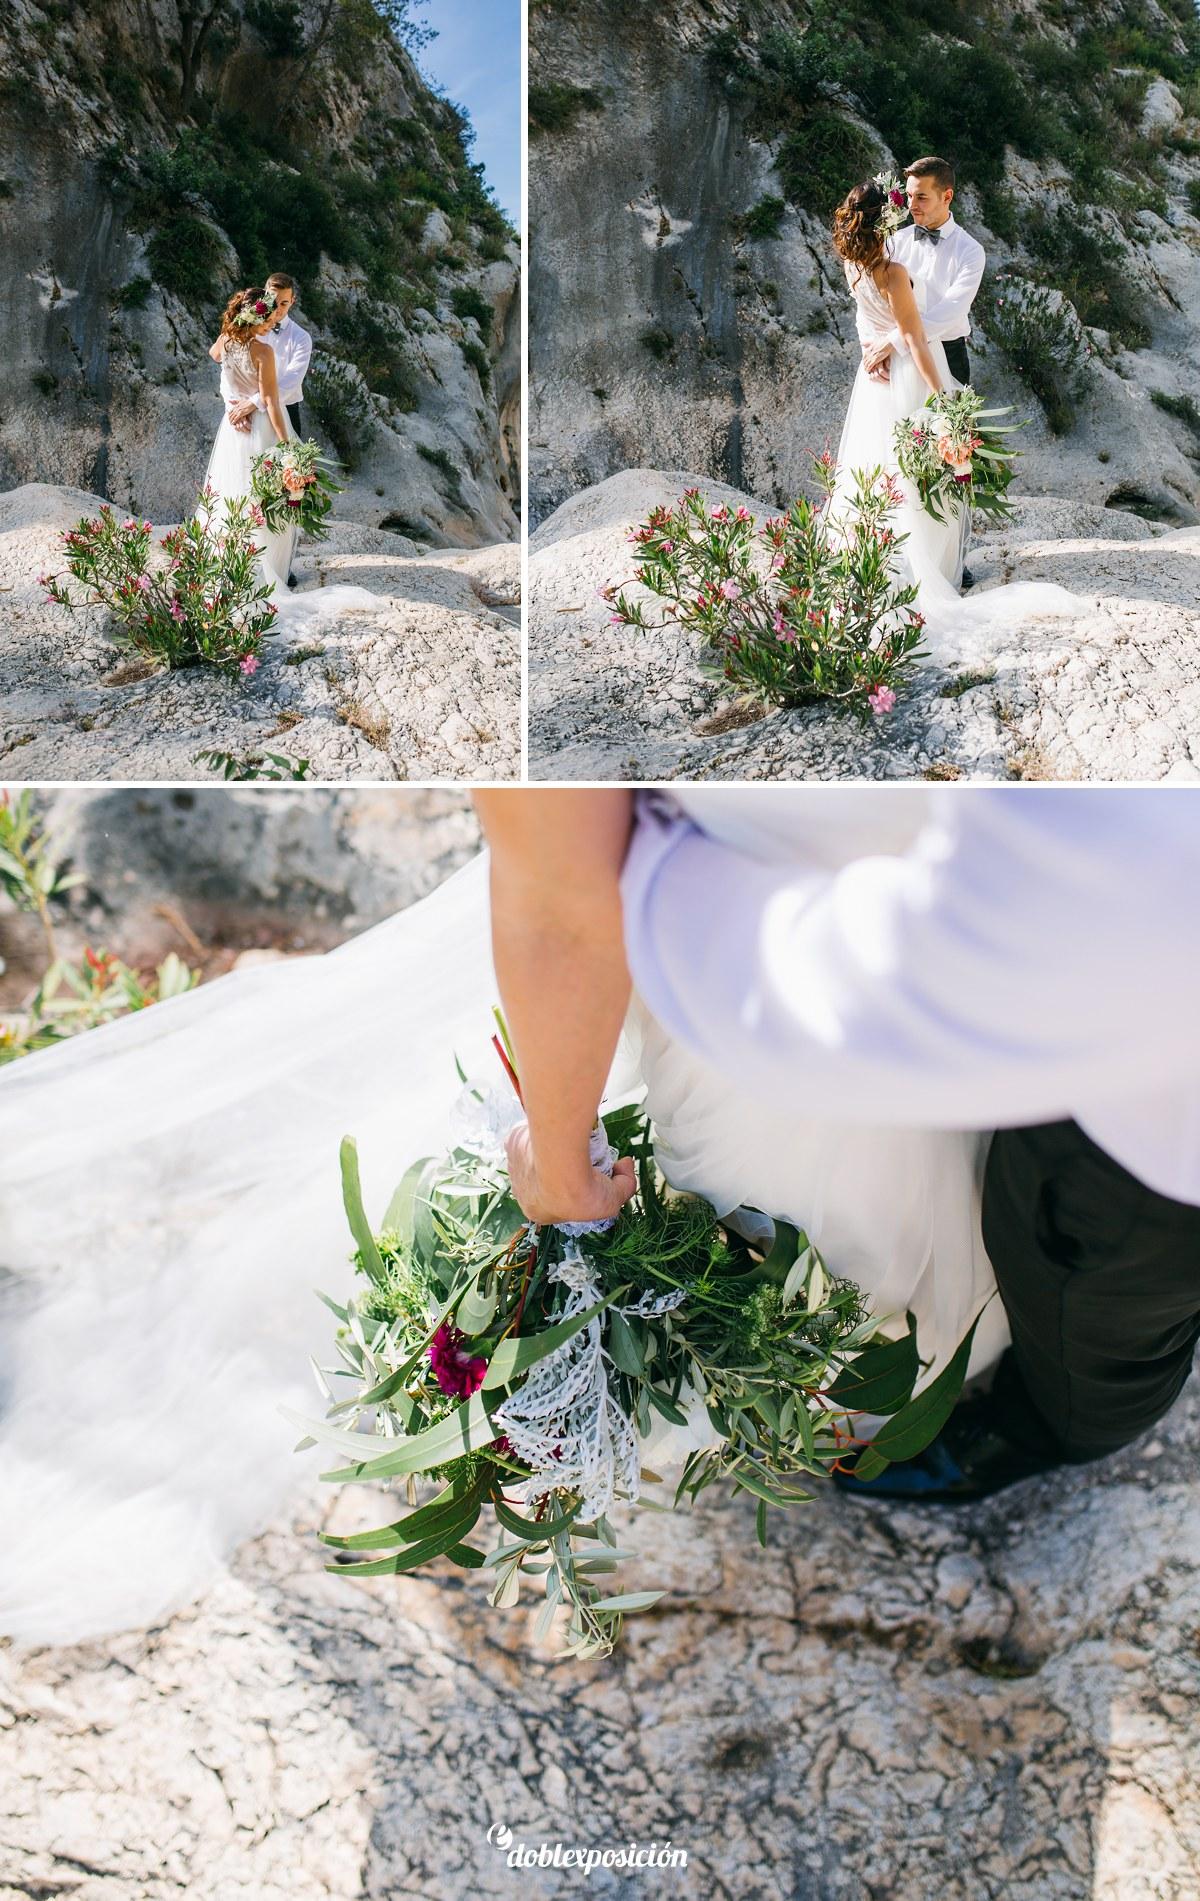 fotografos-boda-postboda-pouclar-finca-elche-alicante_0004